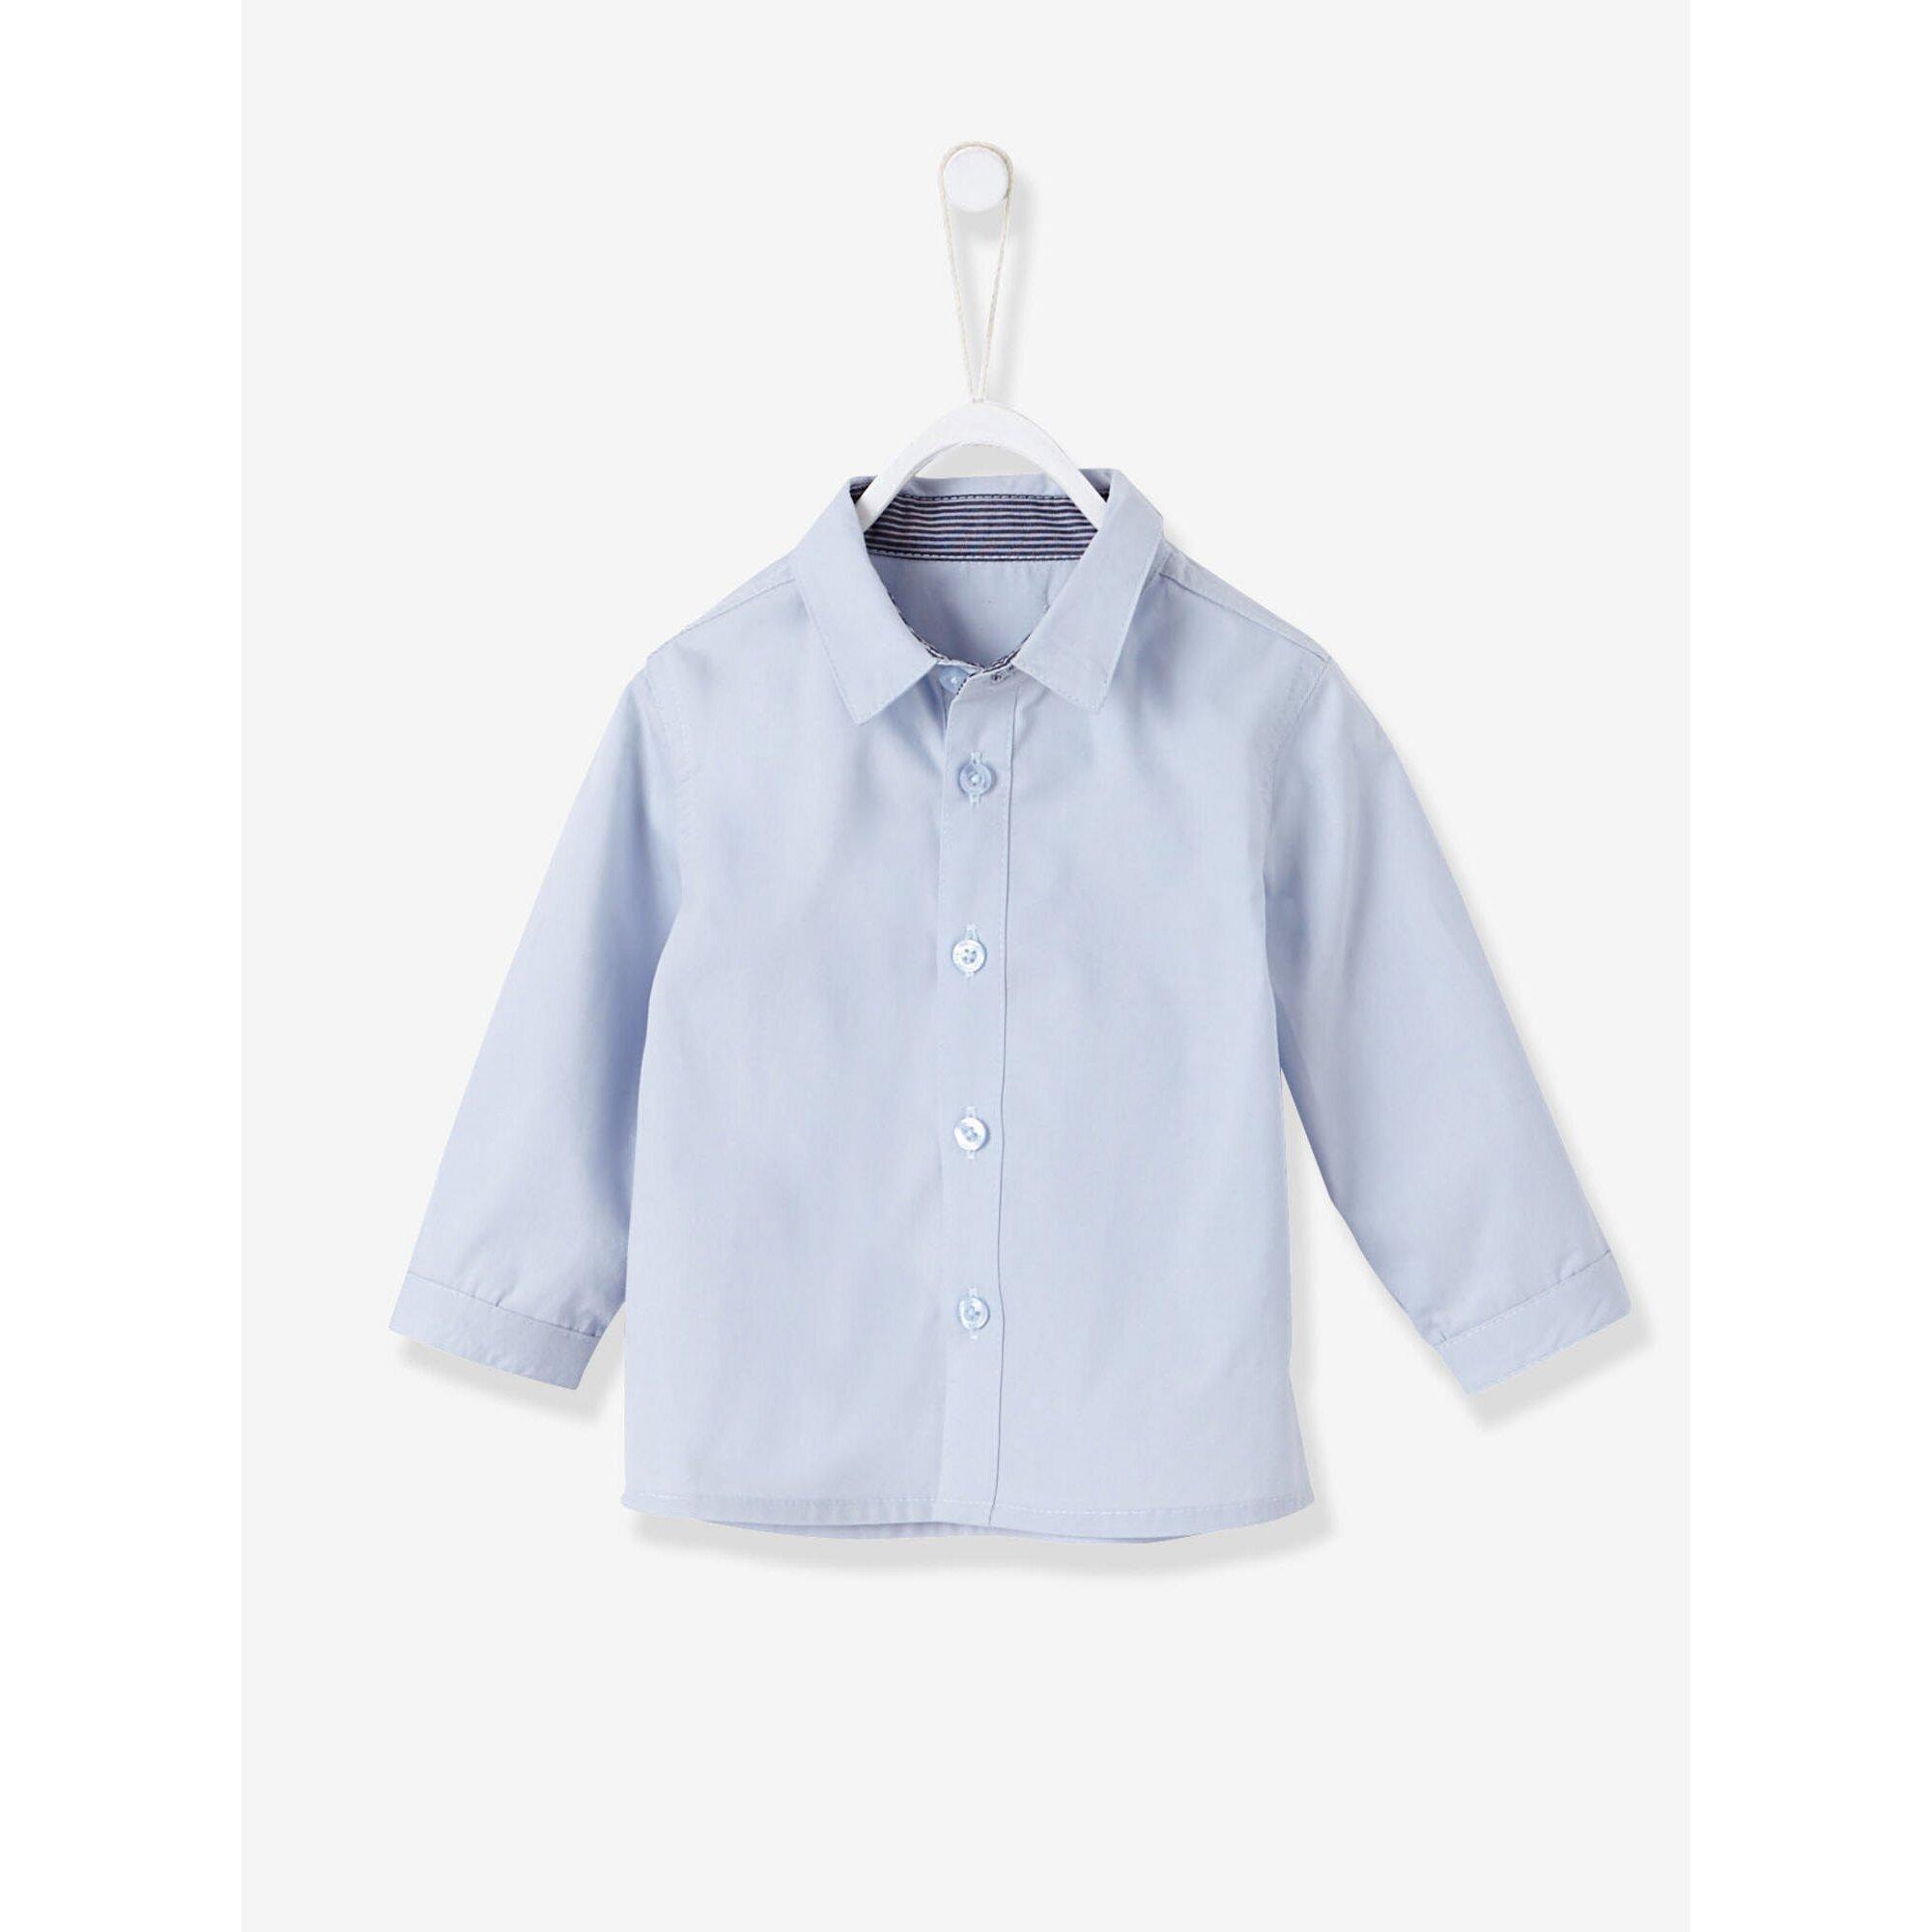 vertbaudet-baby-jungen-festliches-anzug-set-4-teile